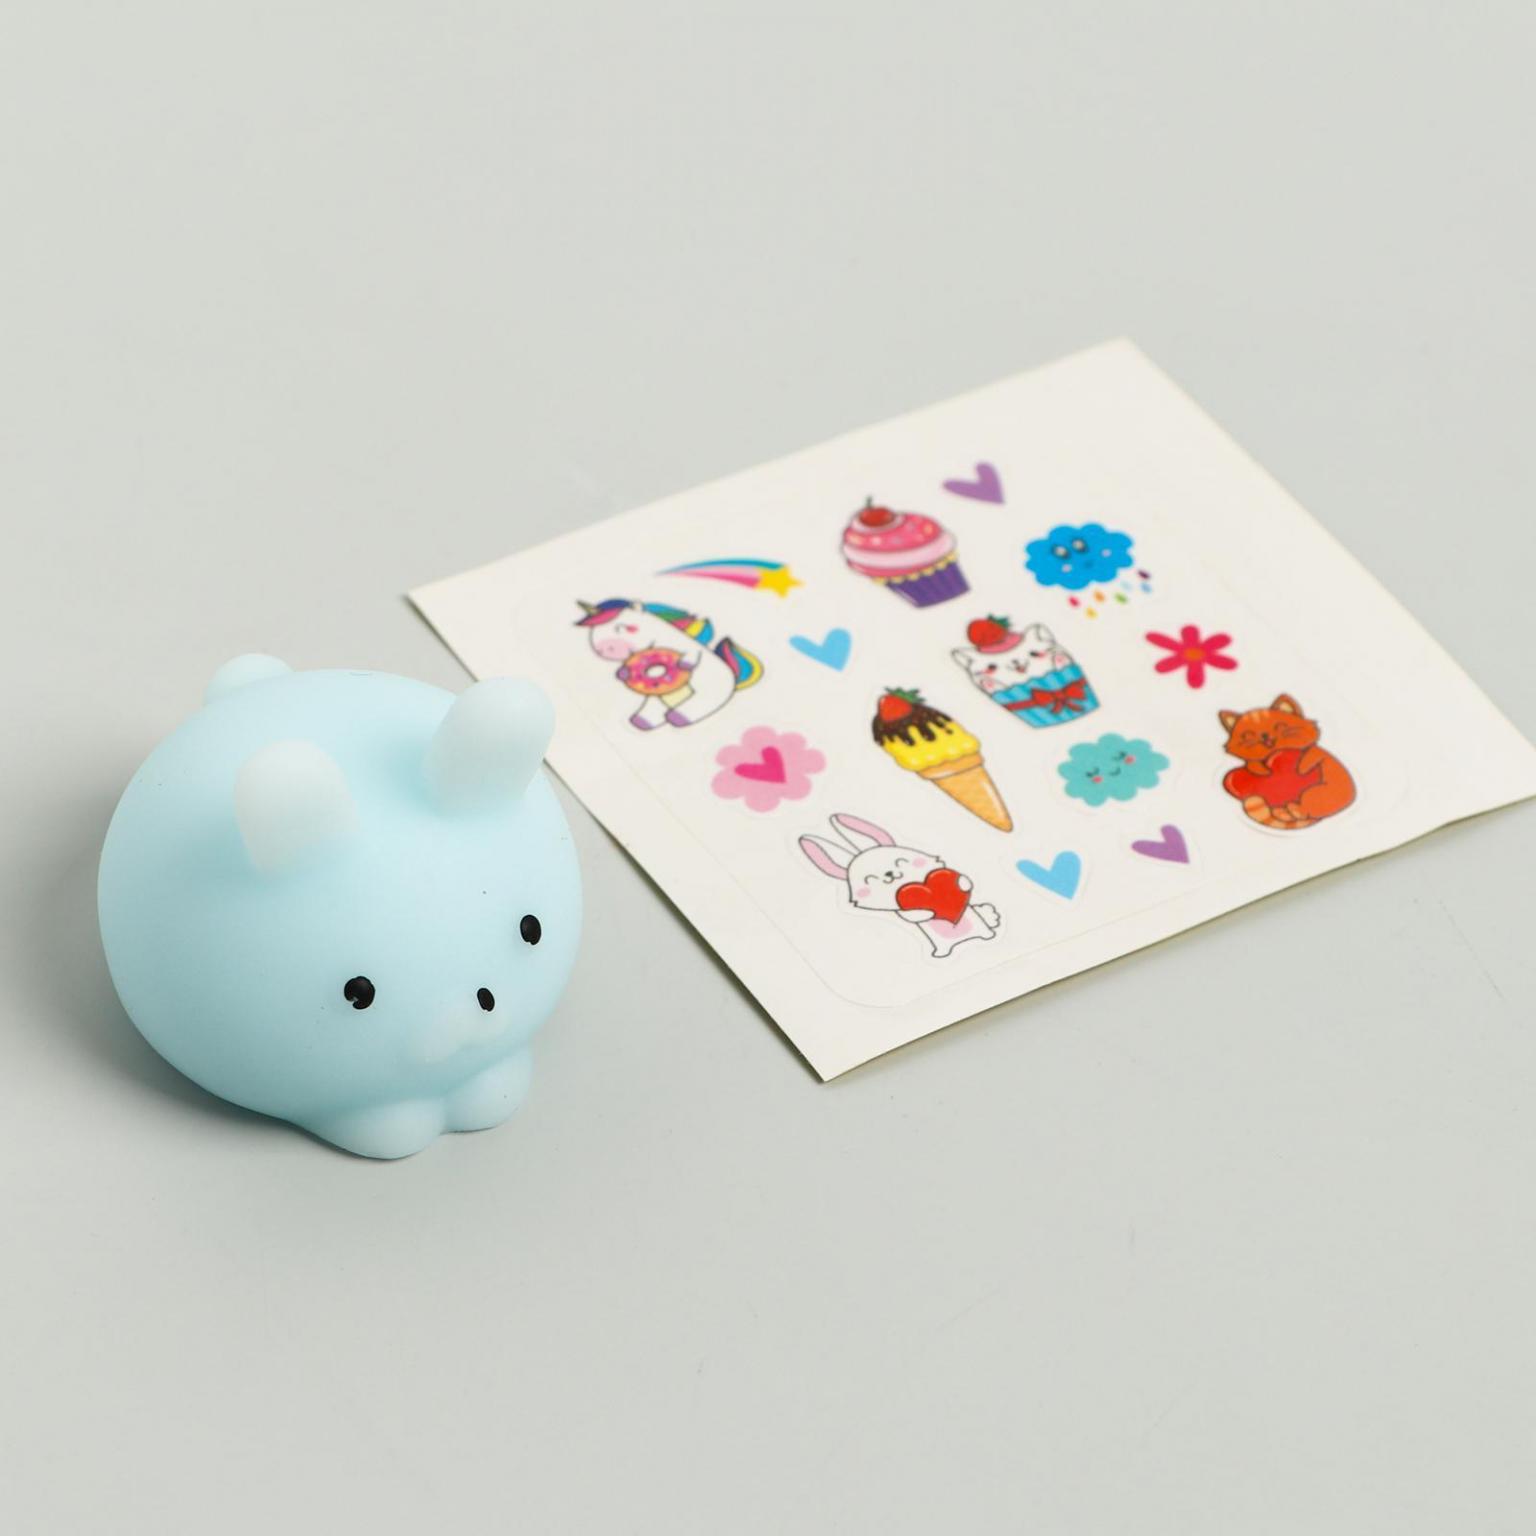 Мялка-антистресс Вау-сюрприз, мялка и наклейки